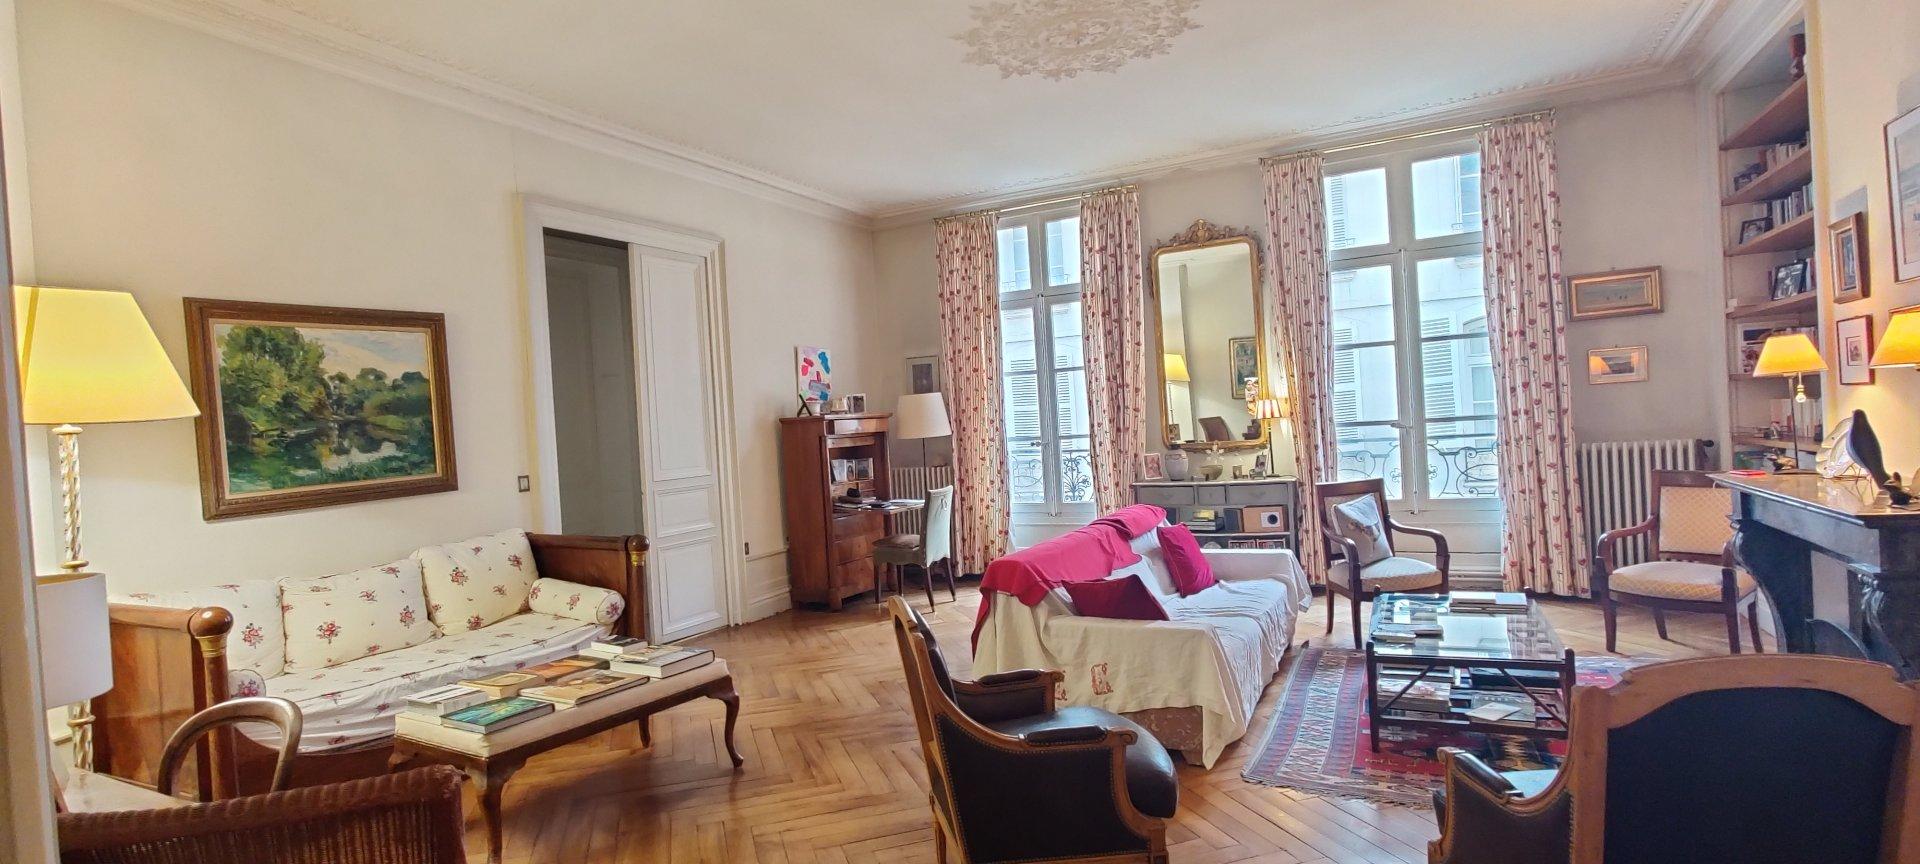 Appartement de charme - Secteur Théatre